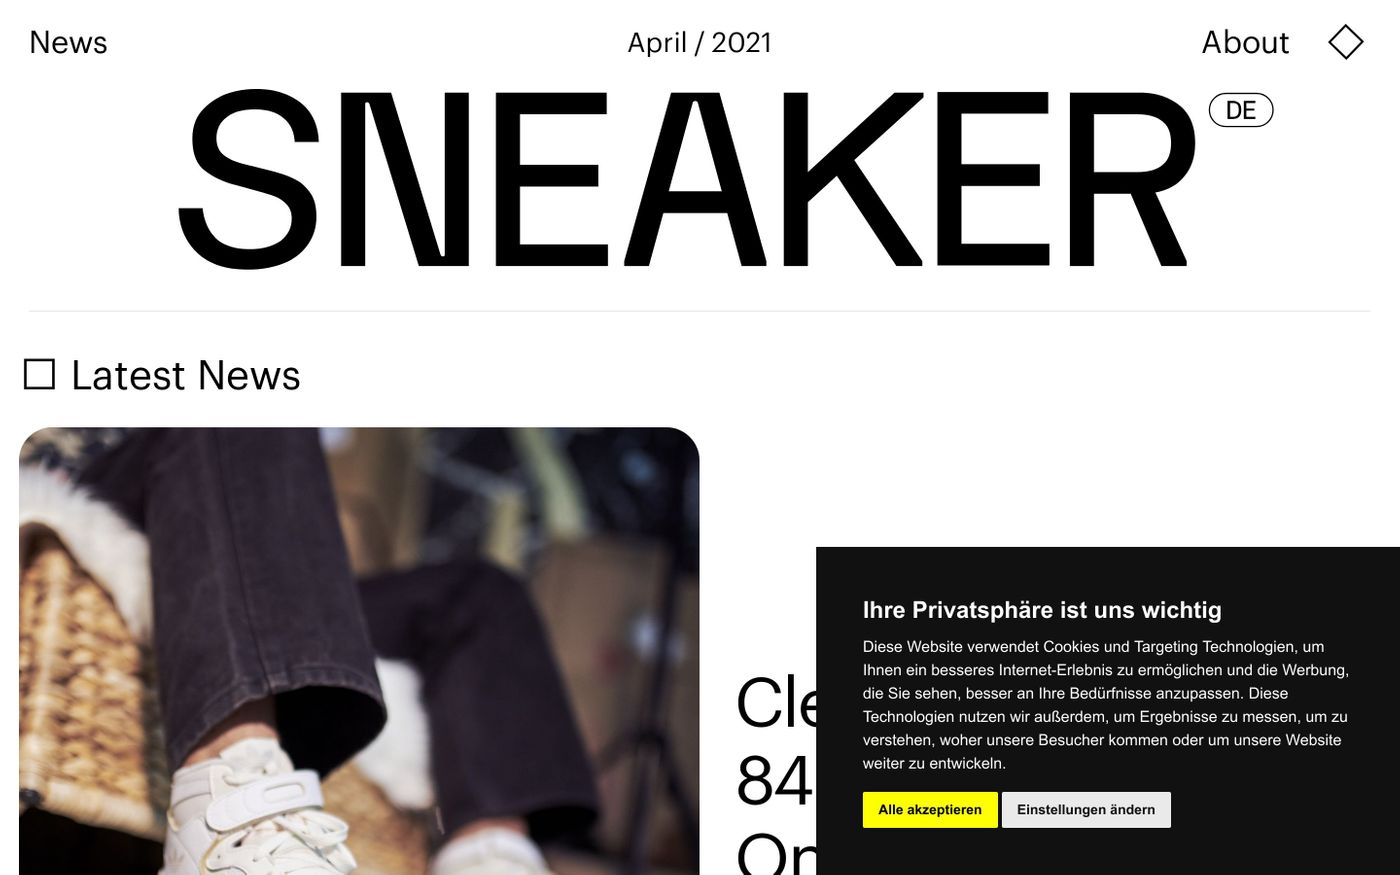 Screenshot of Sneaker website